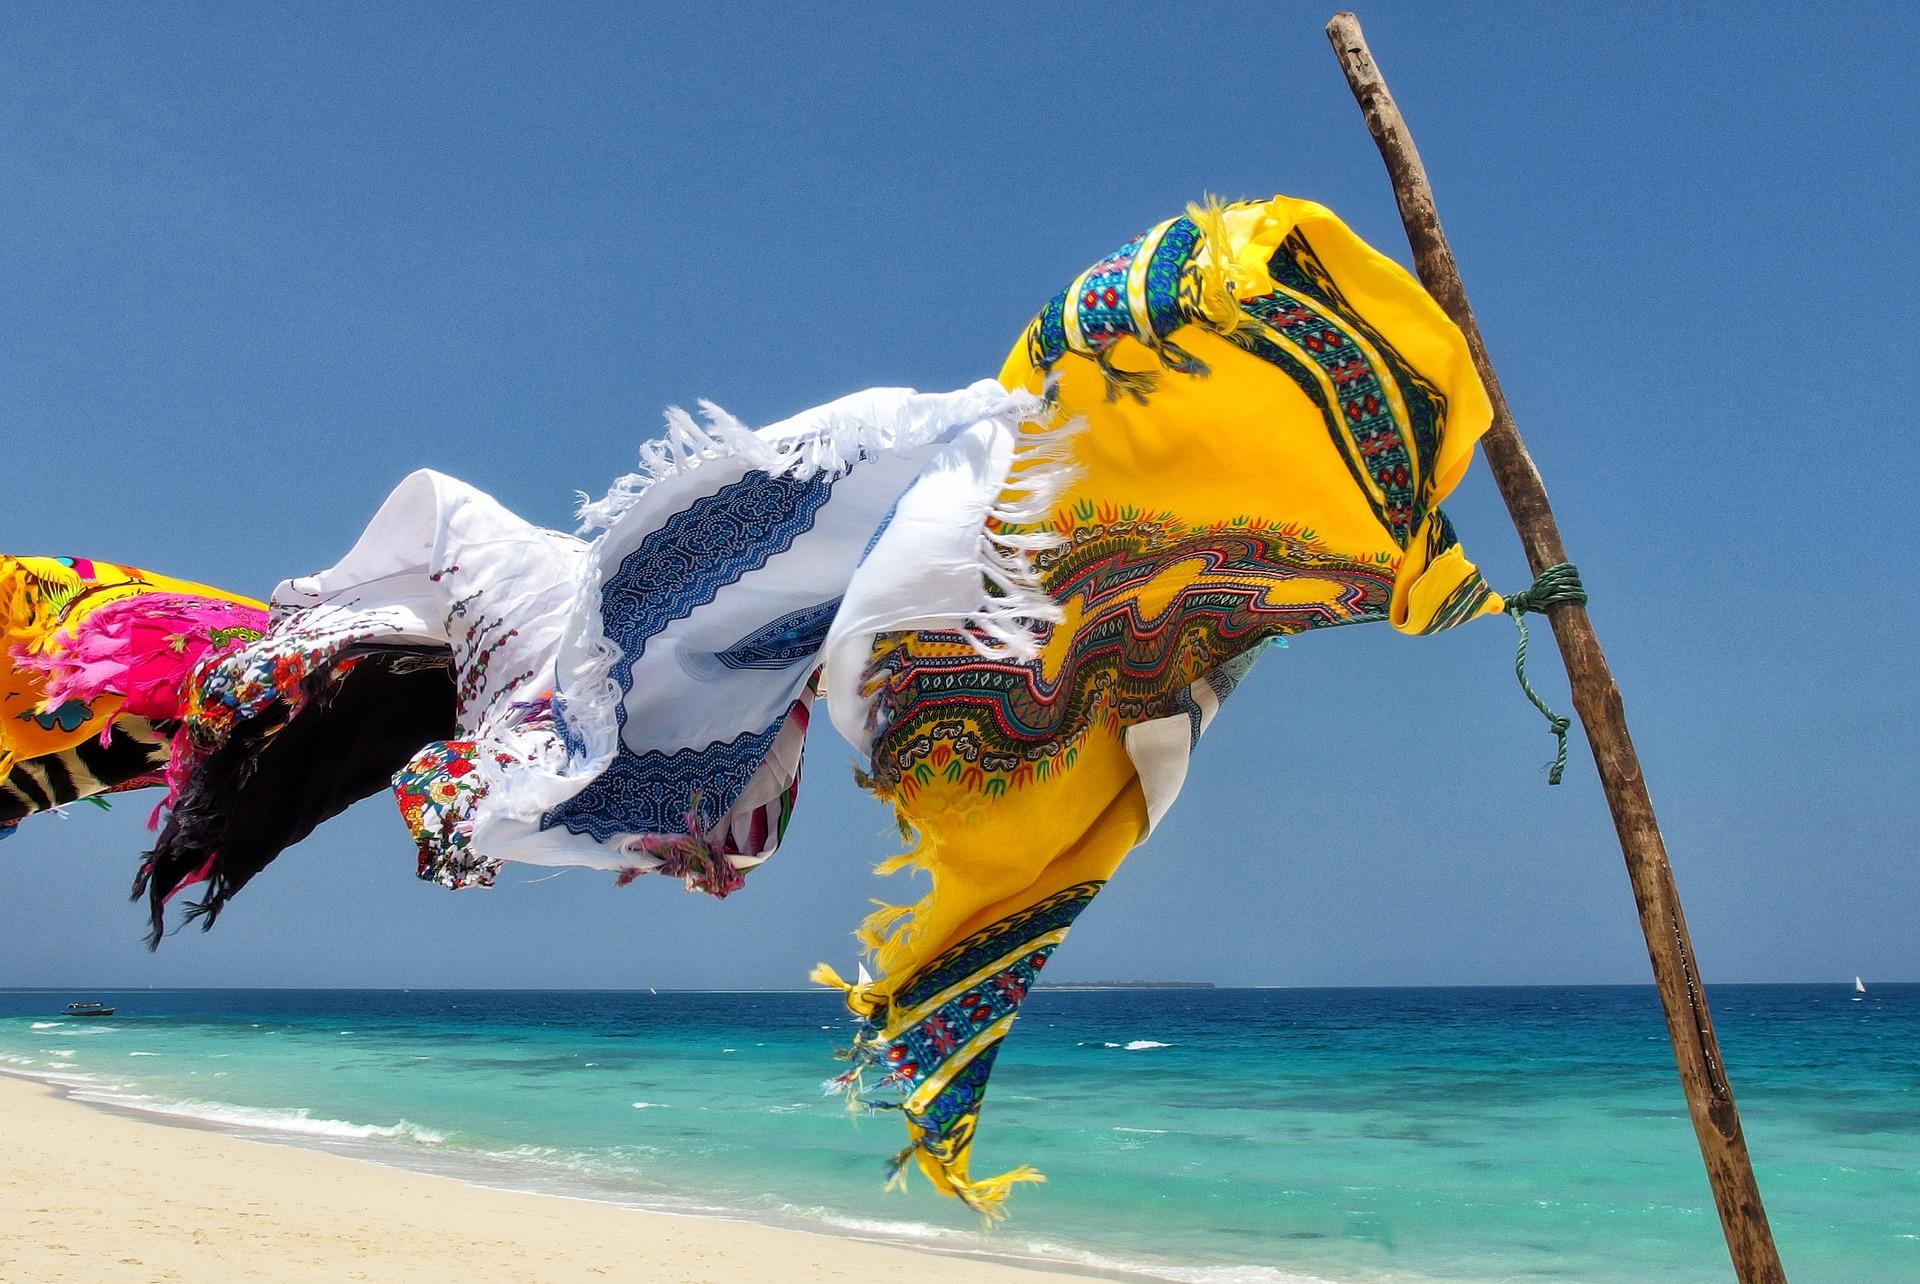 Cosa portare in spiaggia la lista della beauty addict - Zanzibar medicine da portare ...